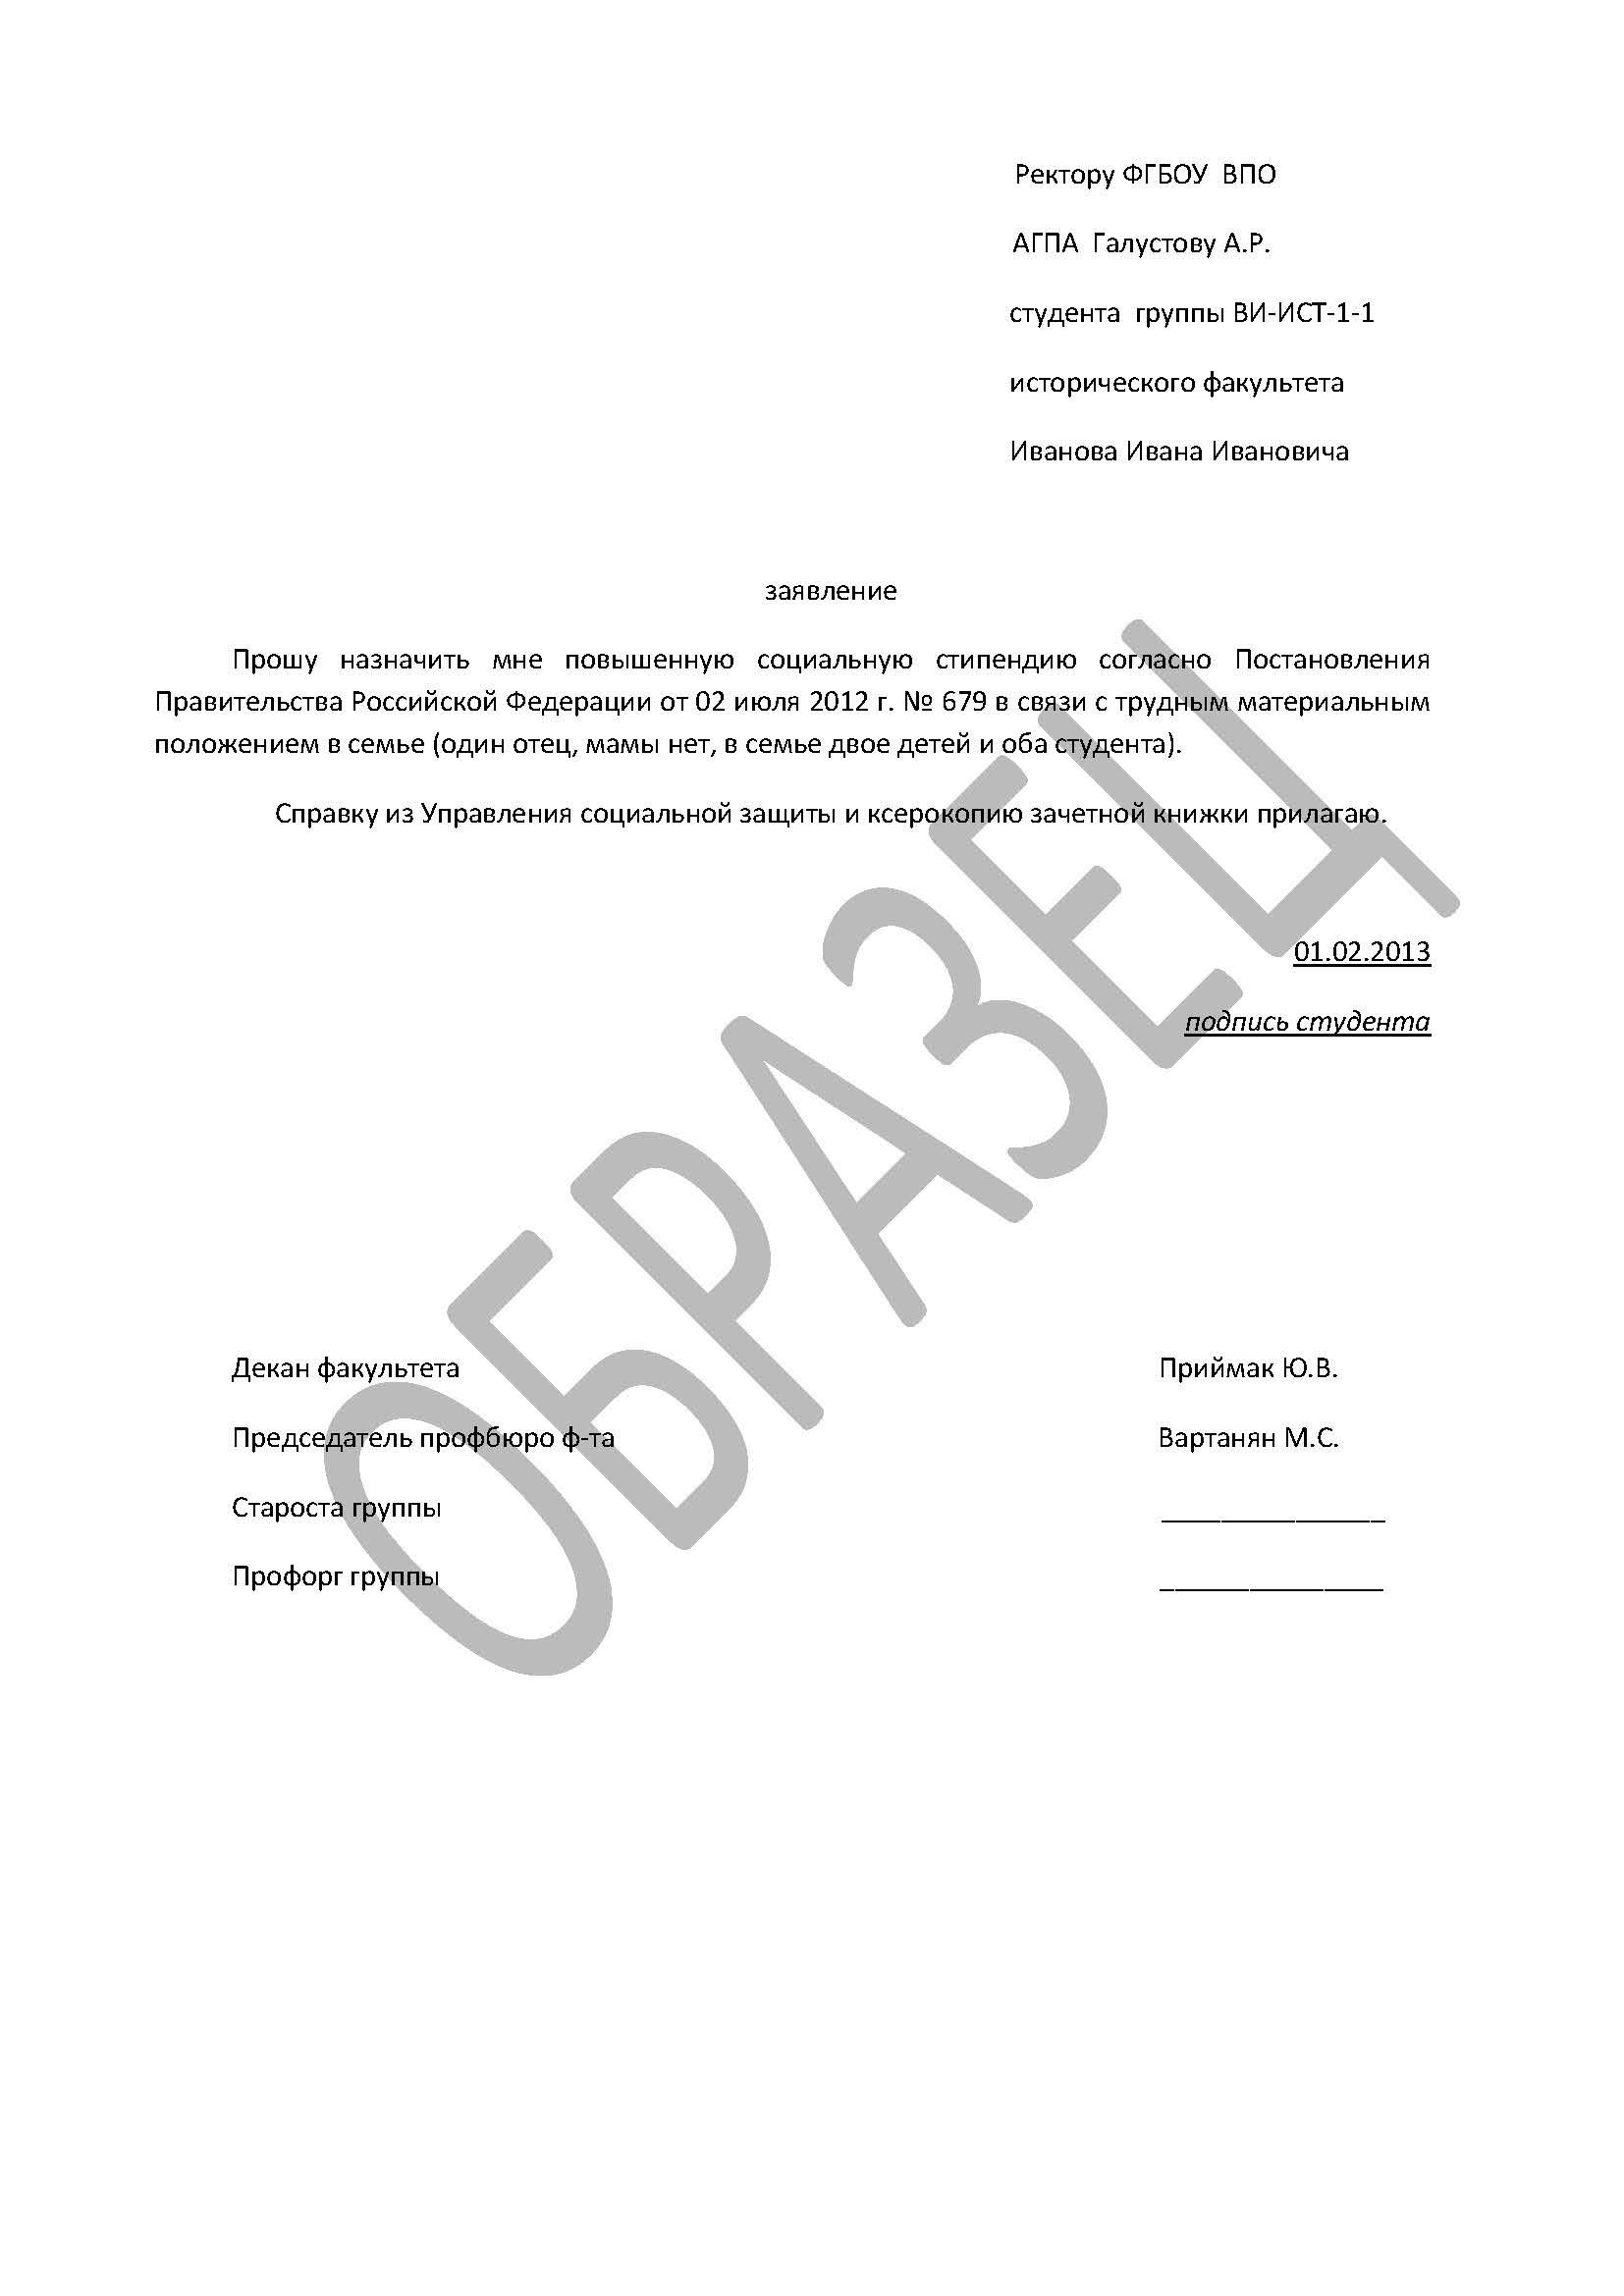 бланк заявления в приемную комиссию университета